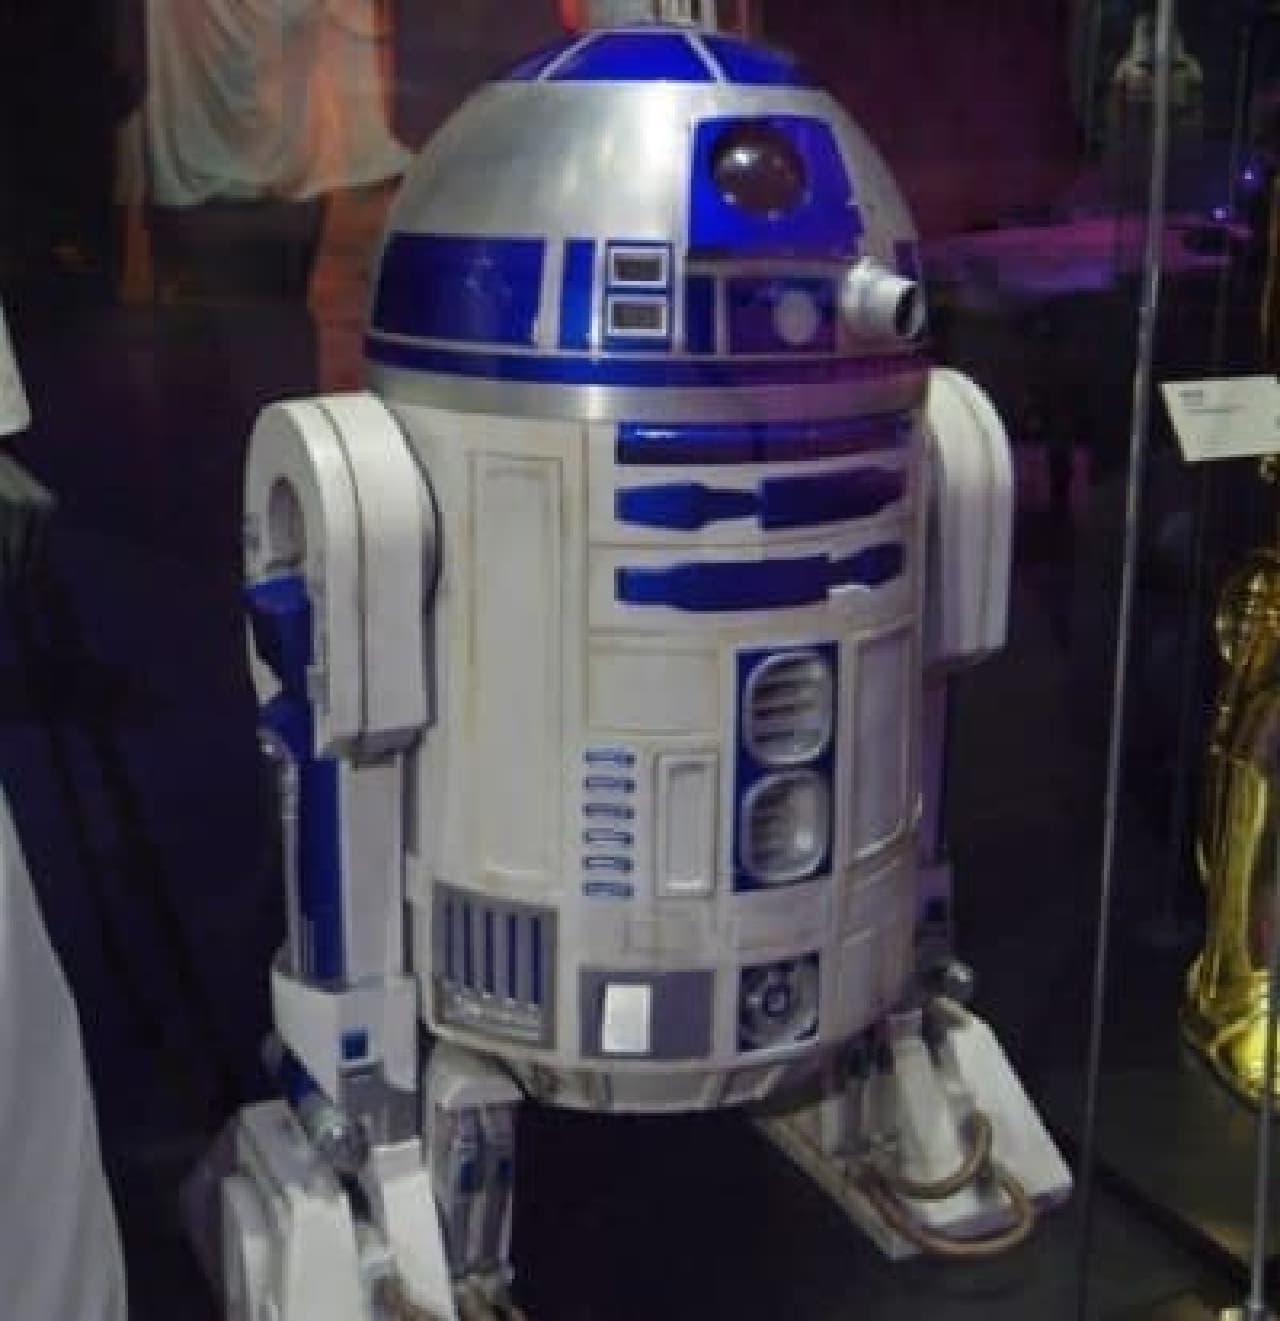 The Tech で展示されている R2-D2。サイズ感は同じ...?  (出典:The Tech ホームページ)